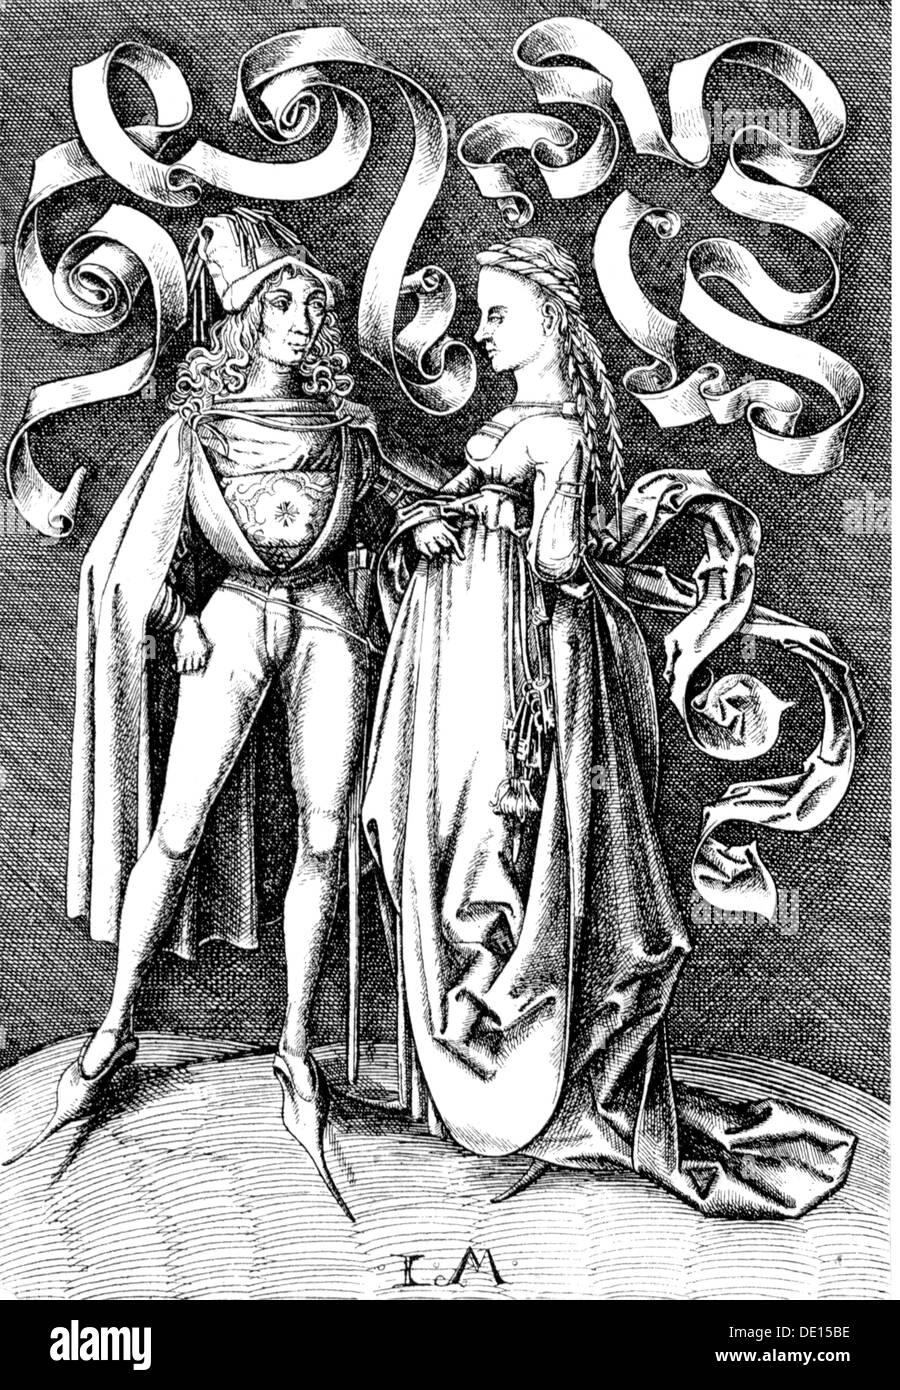 Moda, Edad Media, Alemania, bajo alemán de ropa de hombre y de mujer, grabado en cobre por Israhel van Meckenem el Joven (circa 1440 - 1503), la segunda mitad del siglo XV, del siglo XV, gráfico, gráficos, el bajo alemán, ropa, ropa, trajes, longitud completa, de pie, vestido, vestidos, headpiece, cintillos, cap, gorras, la moda masculina, Cape, CAPES, cabello, peinado, peinado, peinado, corte de pelo, peinados, peinados, cortes de pelo, las damas de moda, ropa de mujer, moda para la mujer, la firma, firmas, histórico, histórico, mujer, mujer, mujer, hombre, los hombres, los derechos de autor, el artista no tiene que ser borrados Imagen De Stock